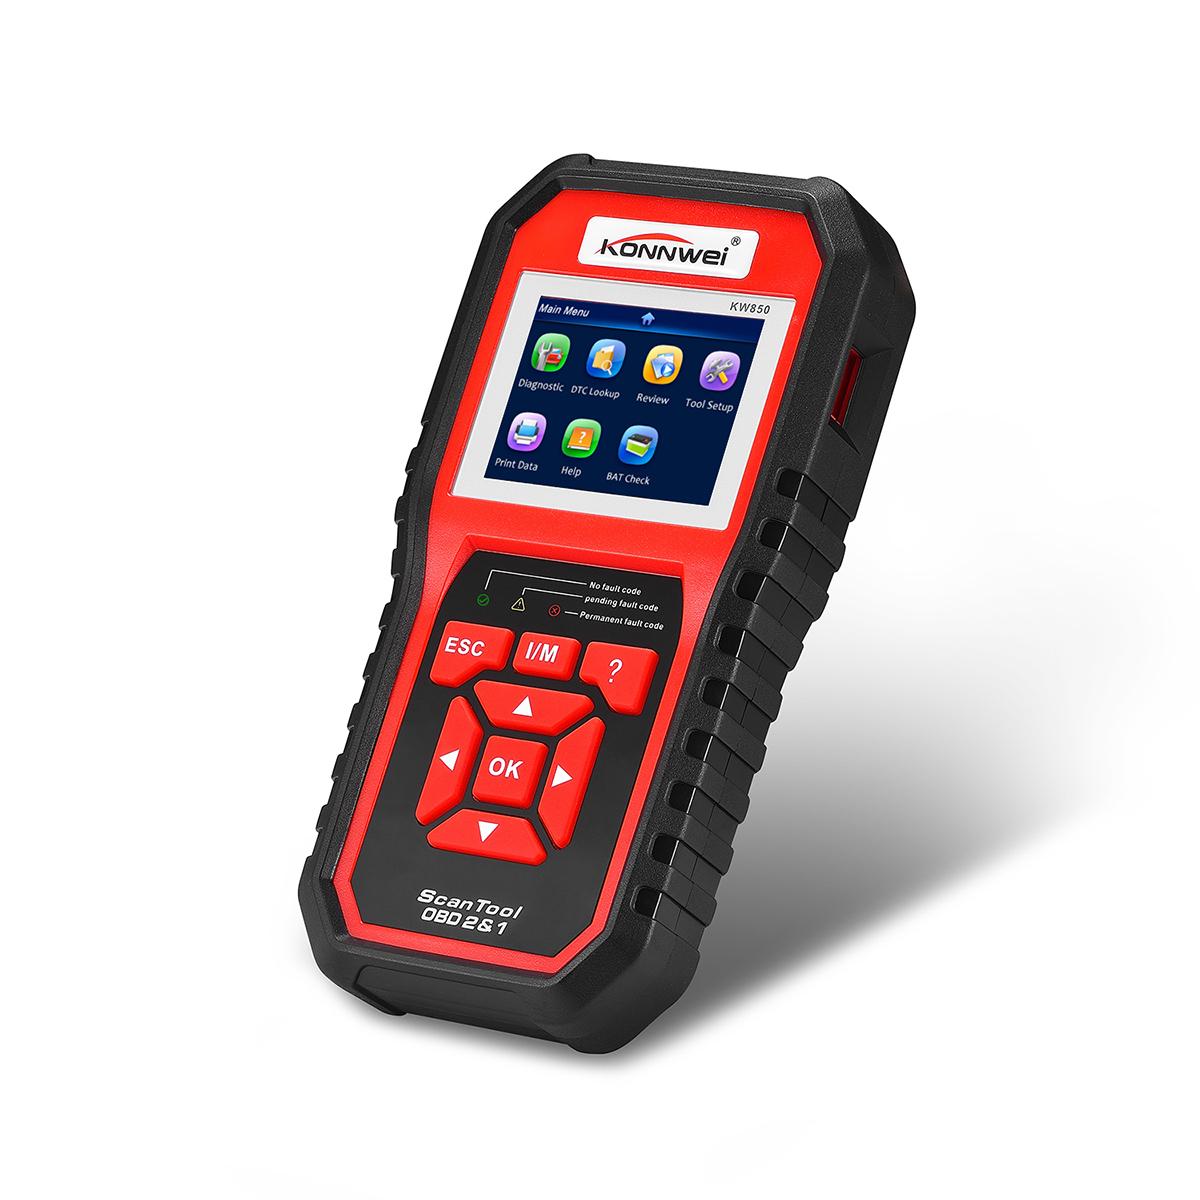 Car Vin Lookup >> KW850 OBD2 Scanner Car Engine Fault Code Reader Automotive Scan Diagnostic Tool | Alexnld.com